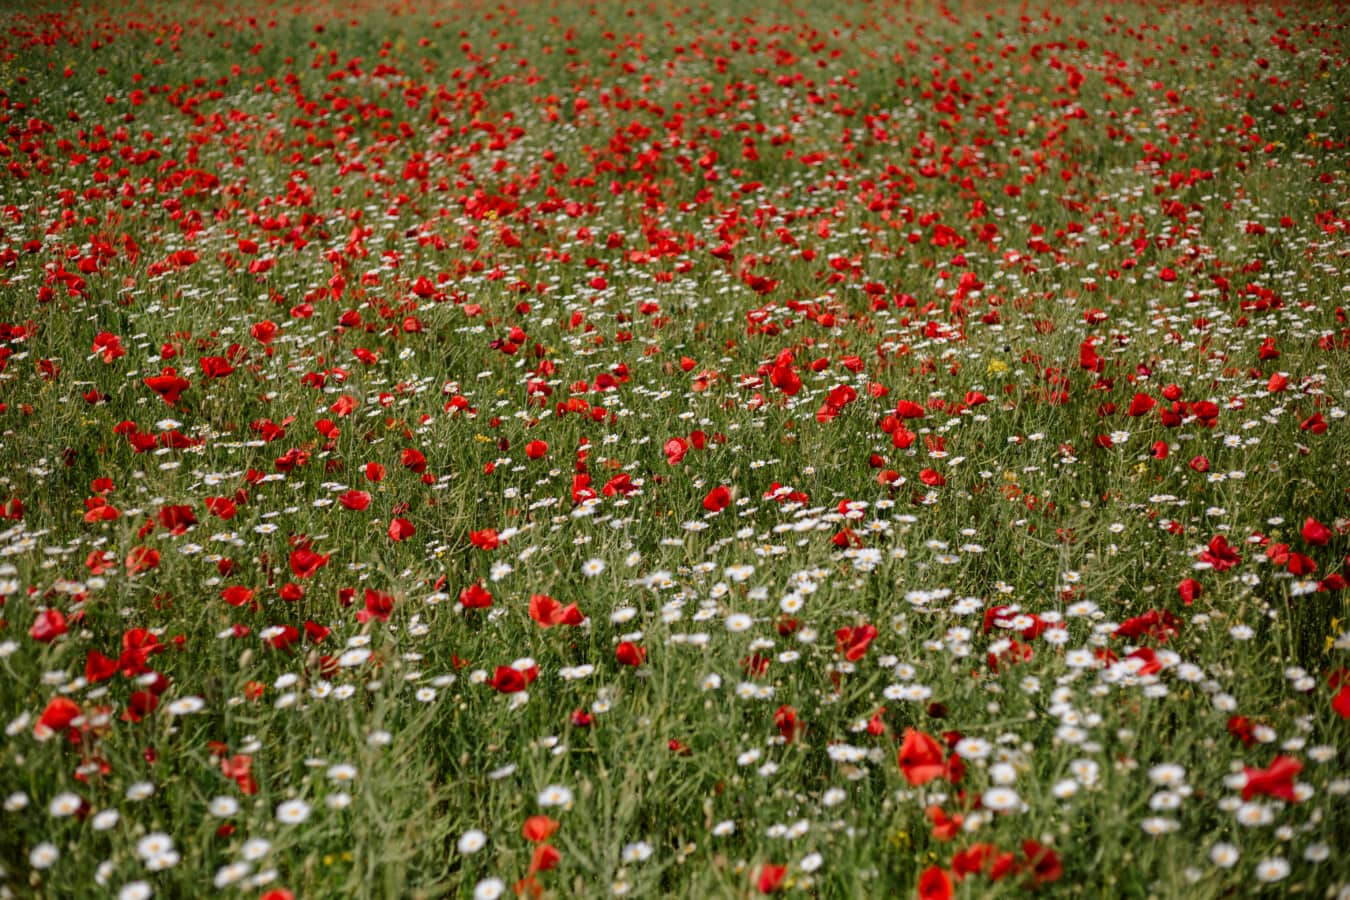 polje, Mak, travnati, trava biljka, ljeto, ruralni, cvijeće, biljka, proljeće, cvijet